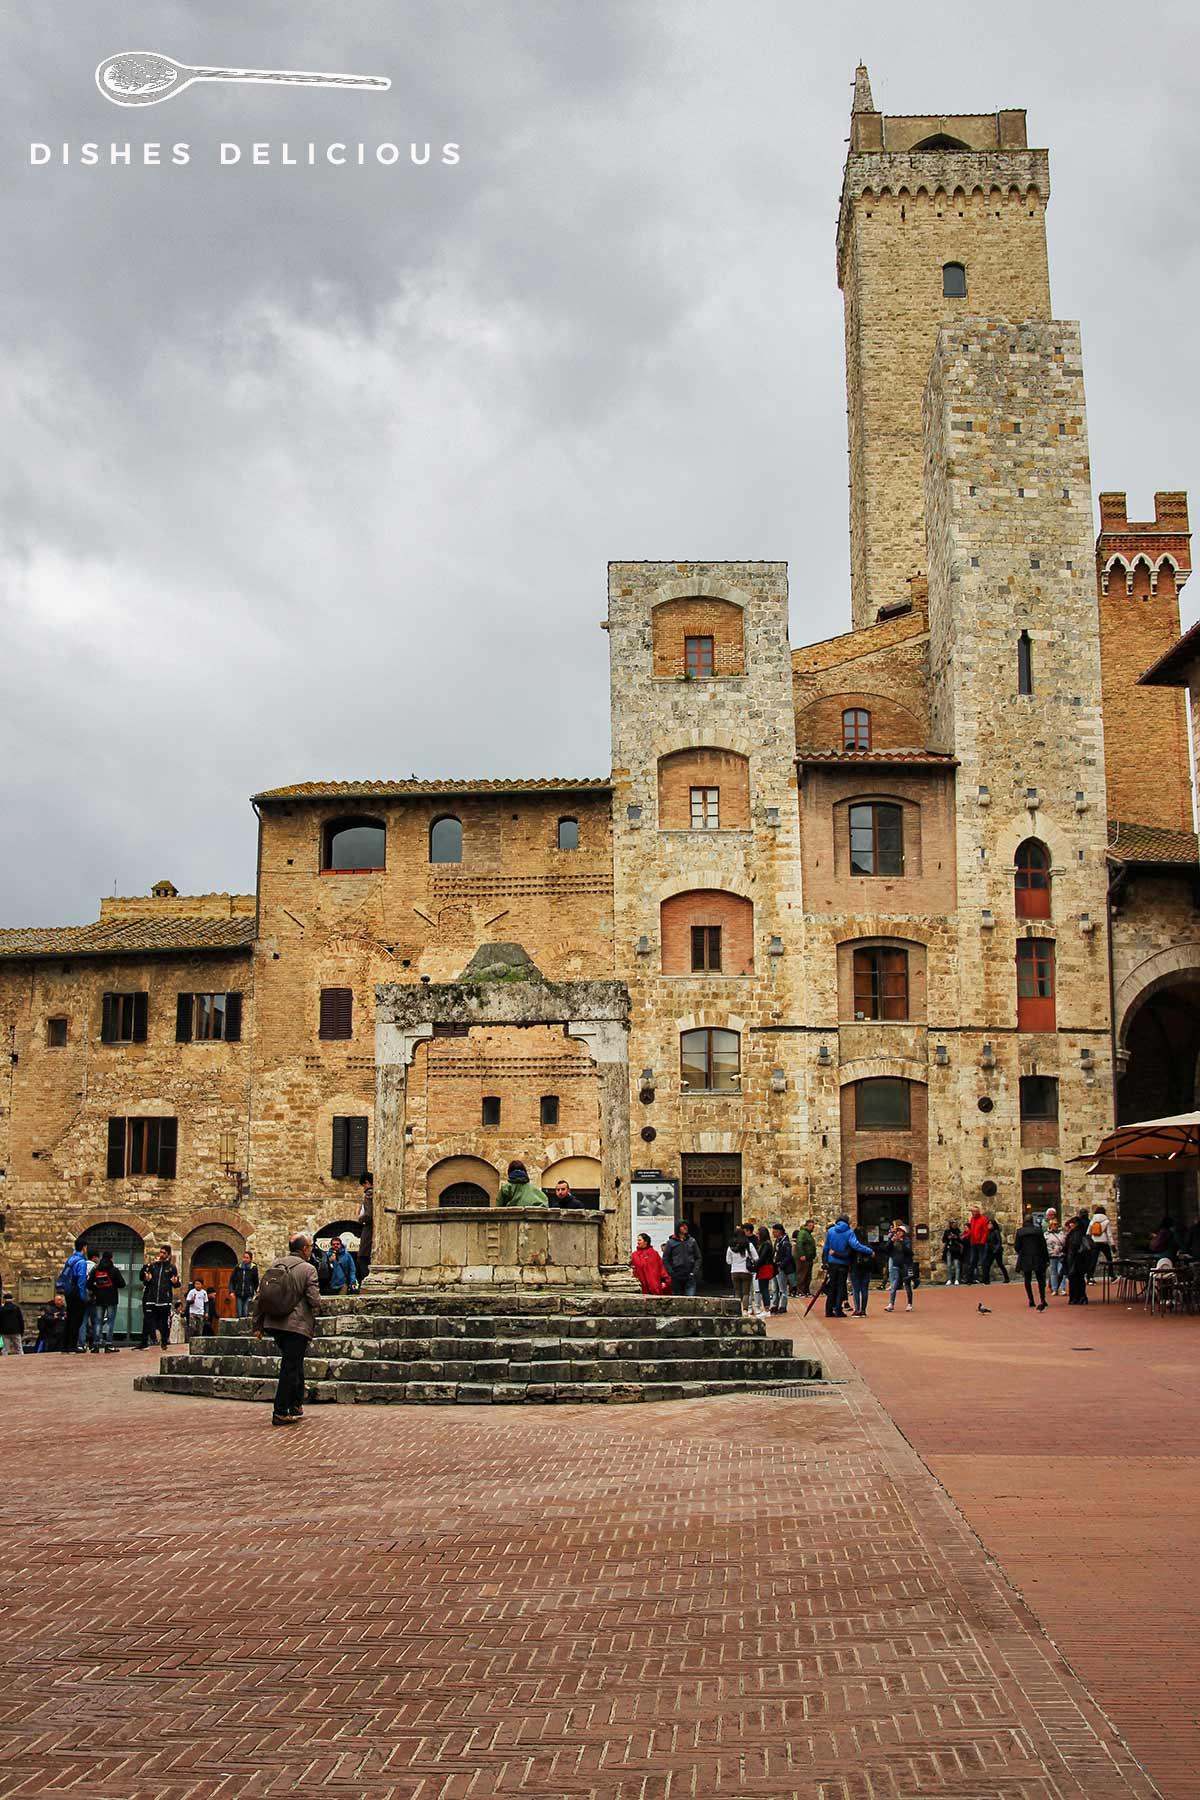 Foto der Piazza della Cisterna mit den zwei Türmen Torri degli Ardinghelli und einem Brunnen.